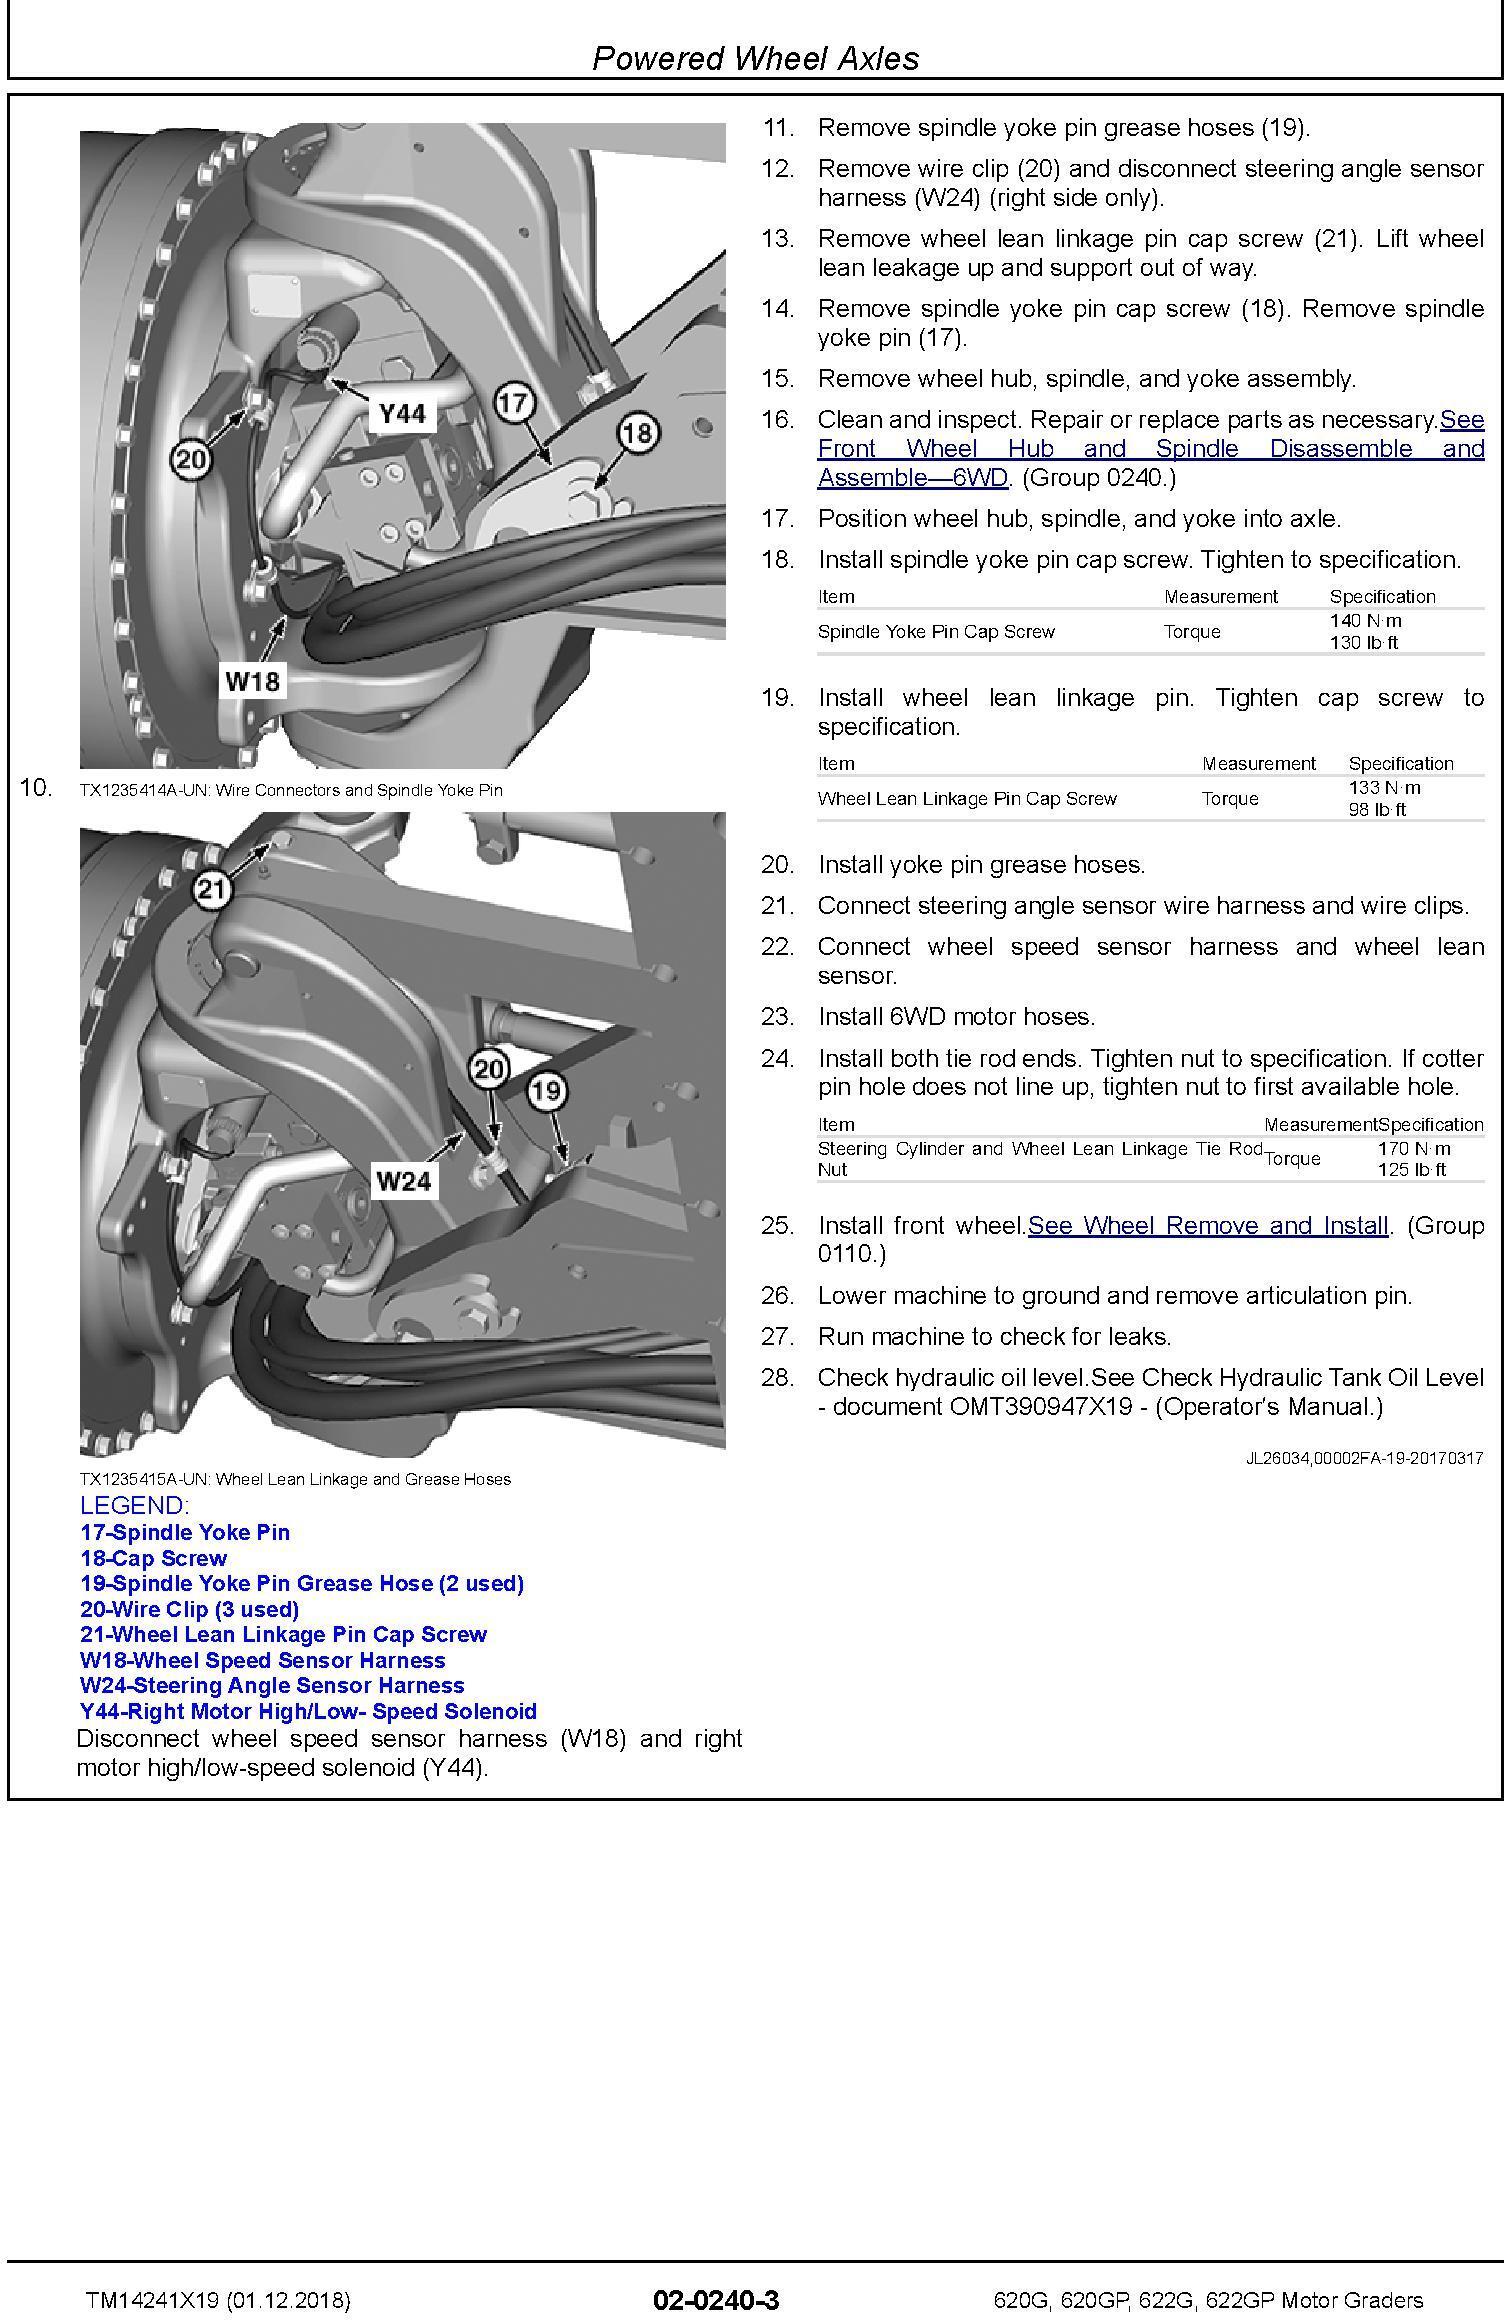 John Deere 620G, 620GP, 622G, 622GP (SN.F680878-,L700954-) Motor Graders Repair Manual (TM14241X19) - 2